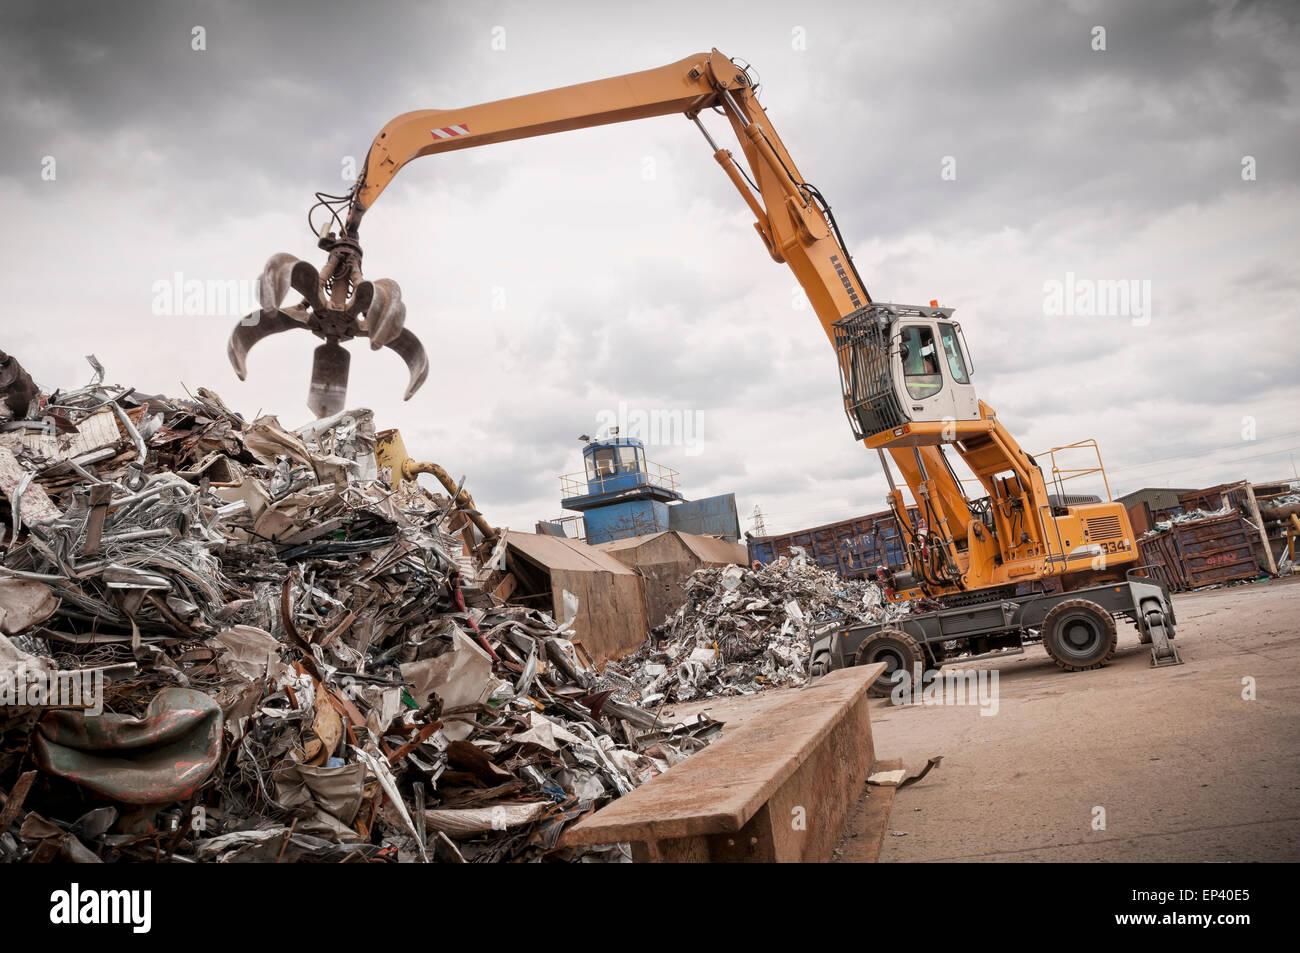 Chantier de recyclage de métaux Photo Stock